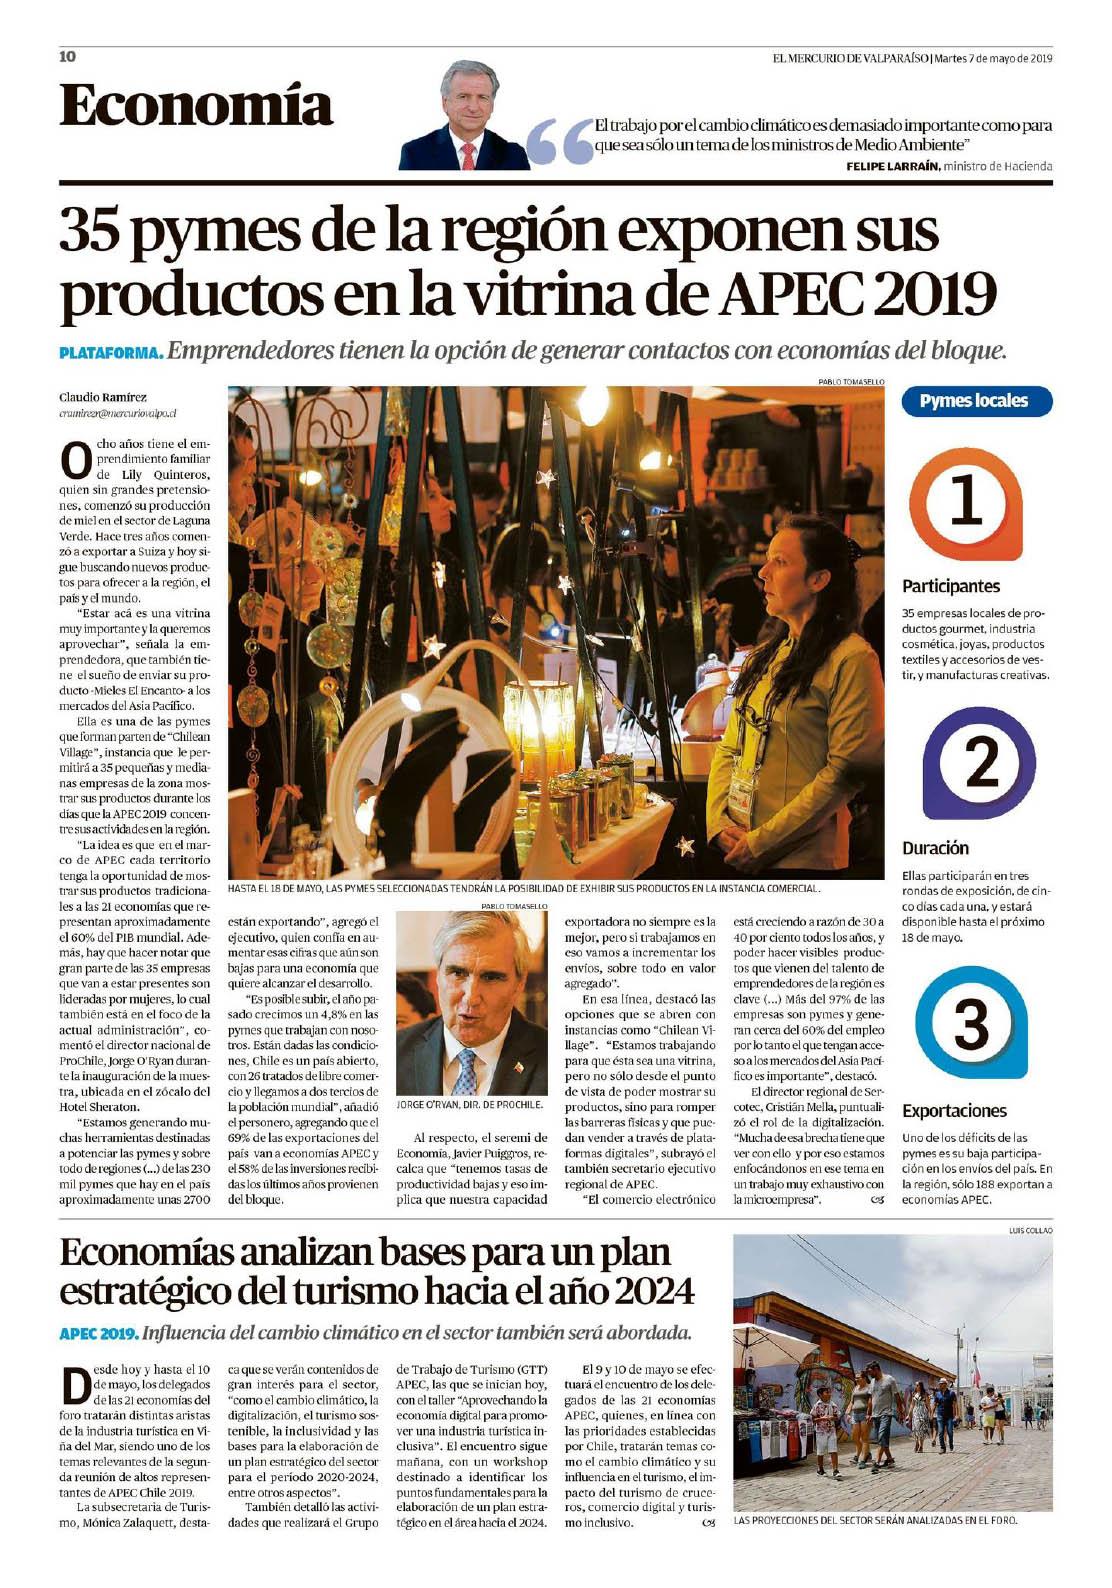 El Mercurio Valparaíso -9-5-2019